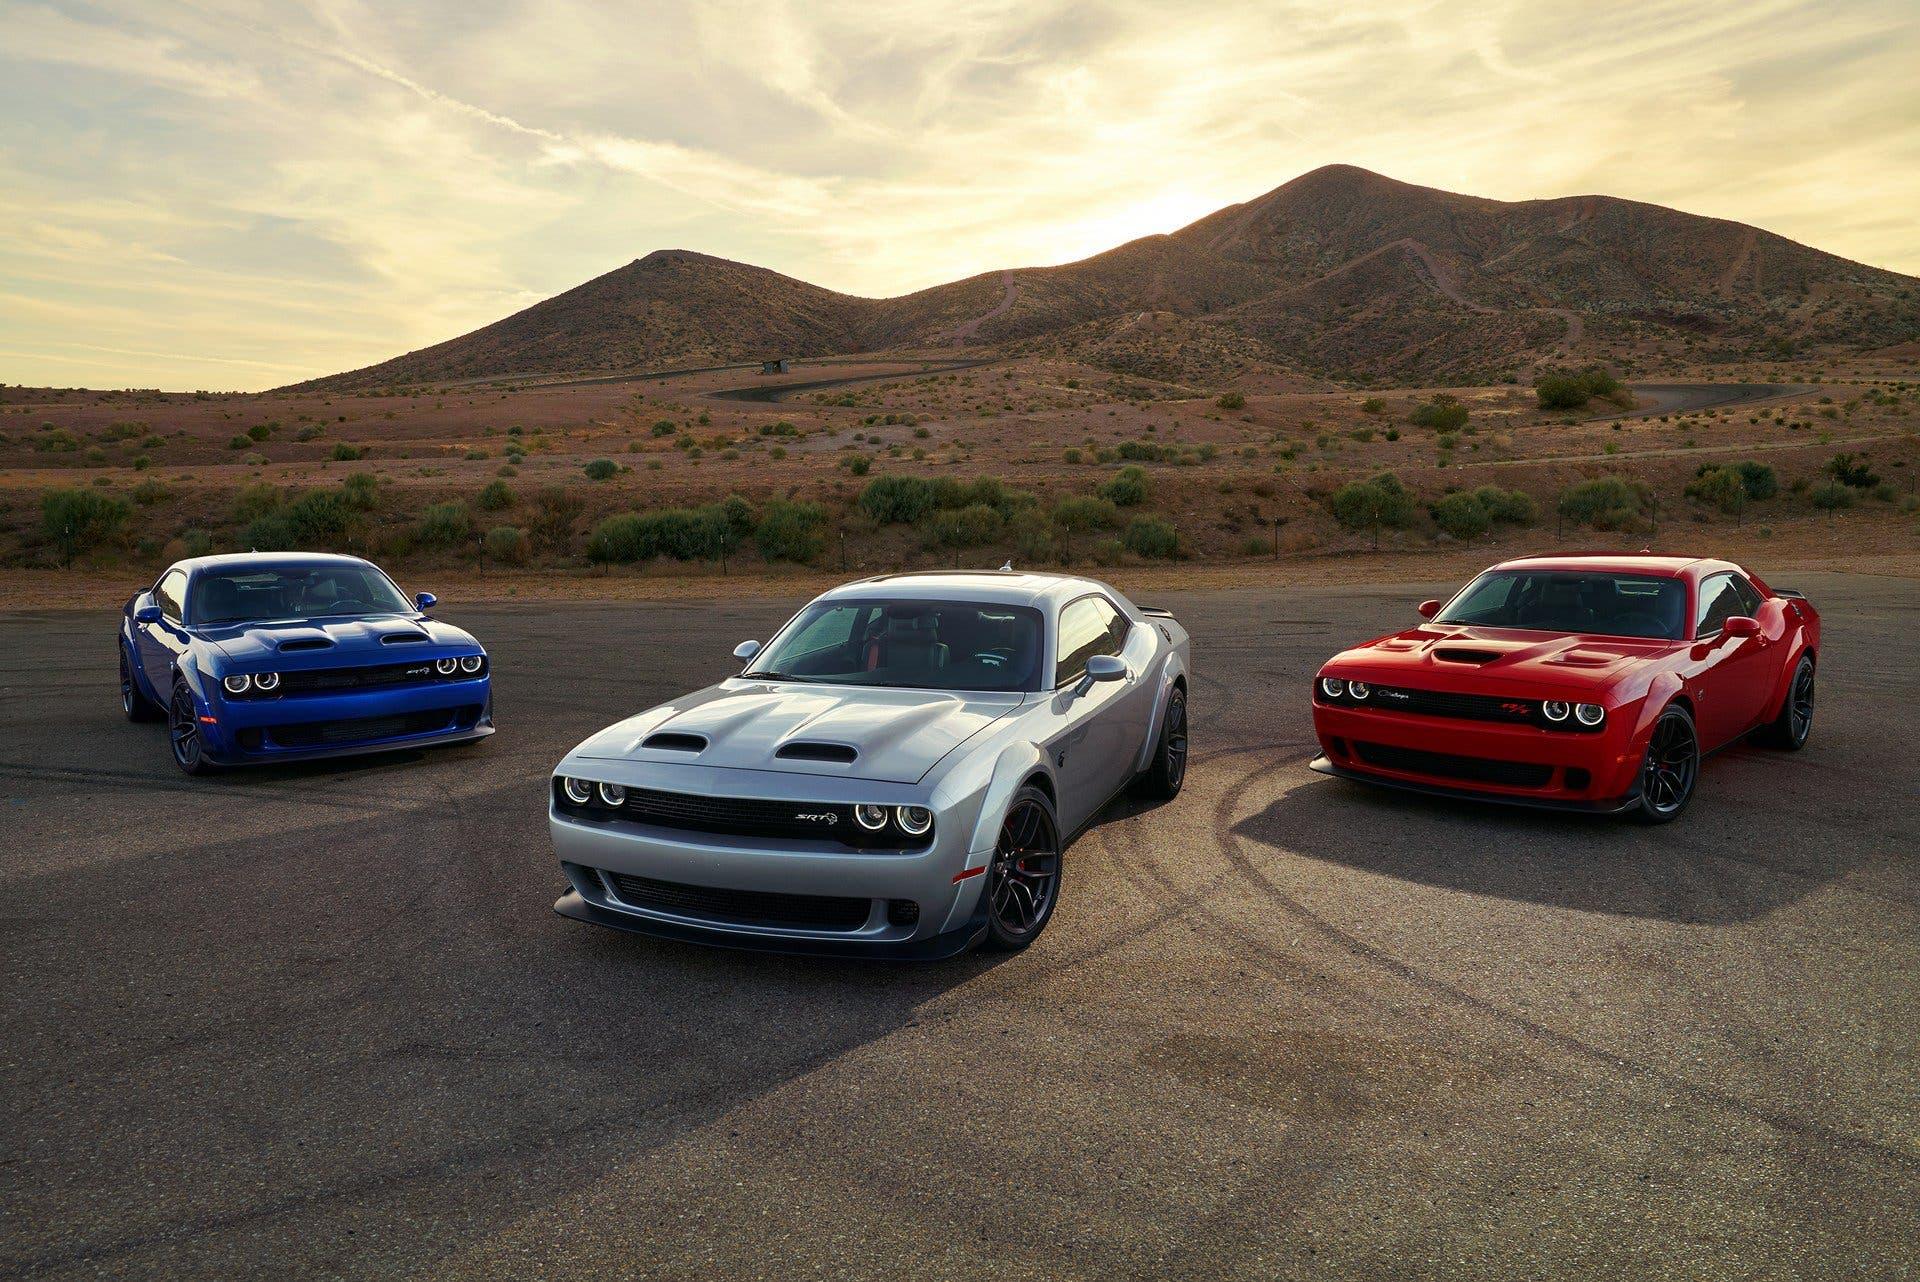 Dodge Challenger vendite primo trimestre 2019